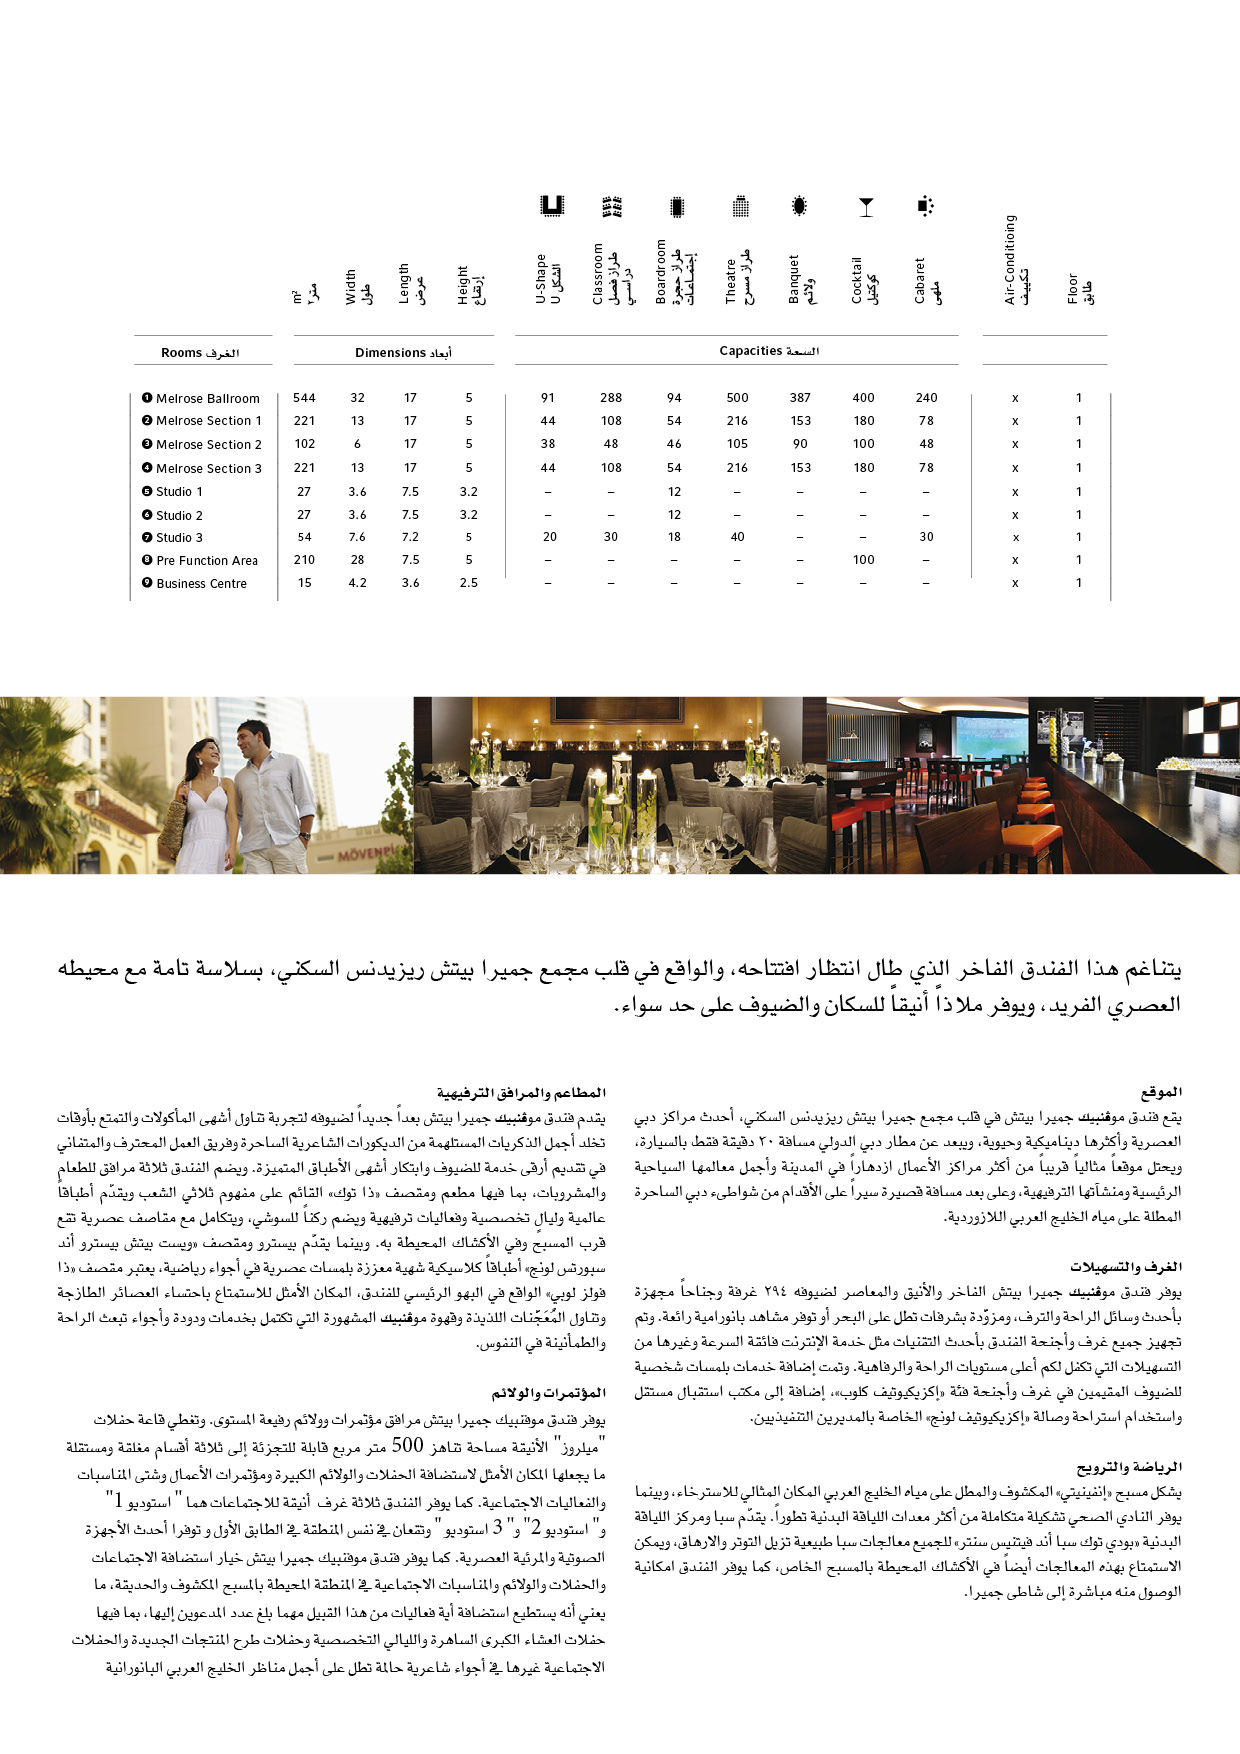 M11-320-Factsheet-Hotel-EA_v24